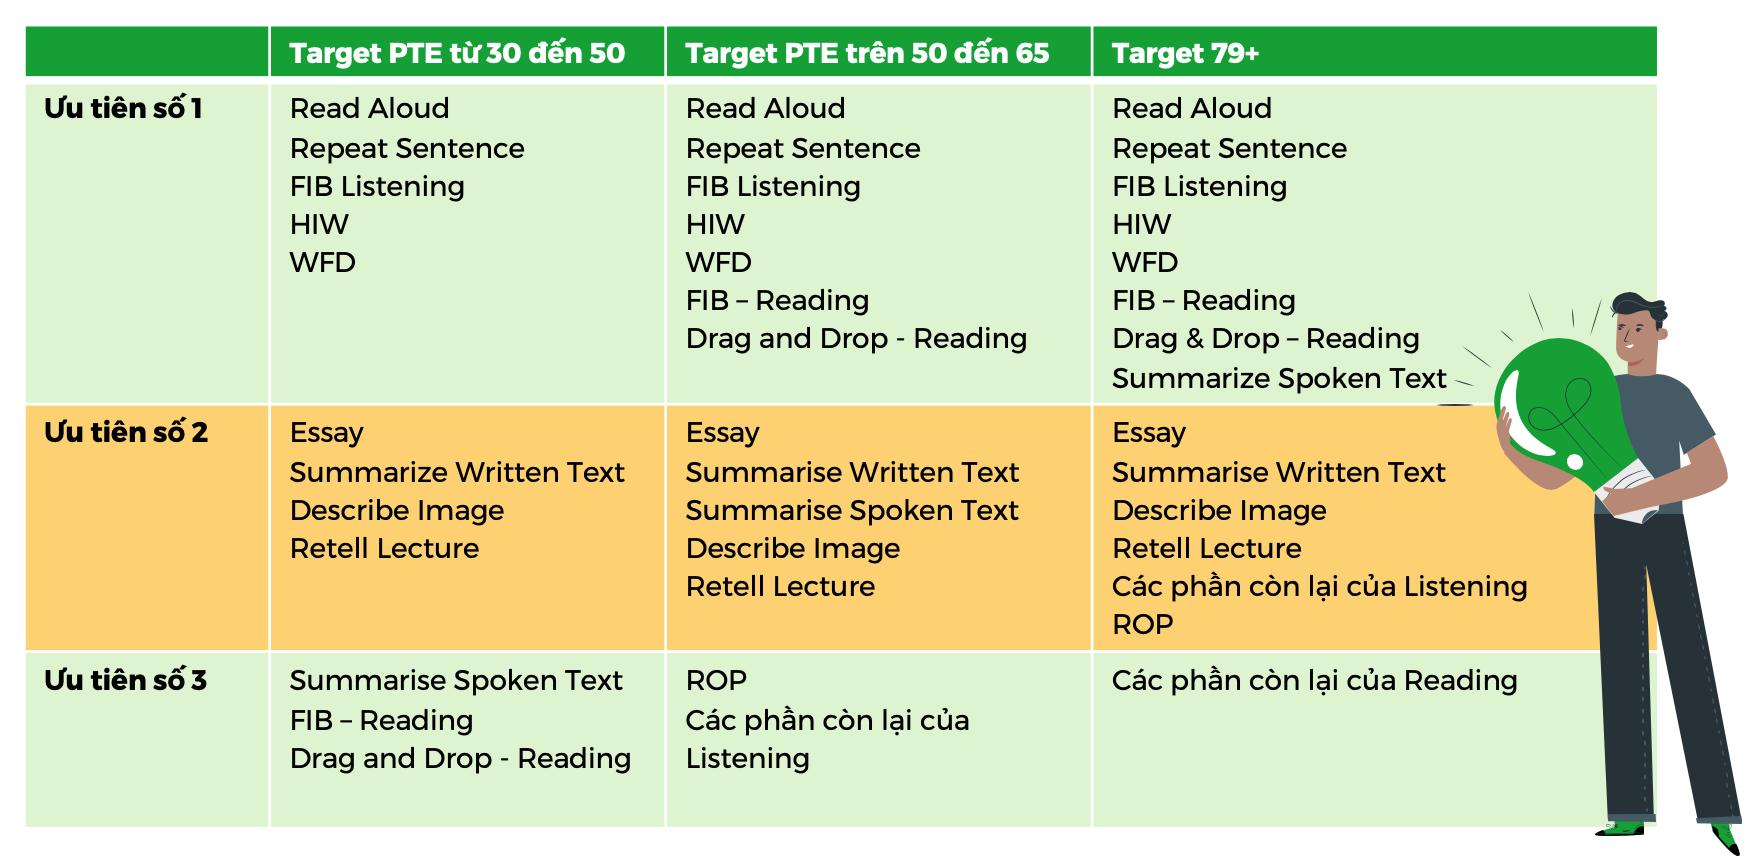 Các phần thi quan trọng cần ưu tiên khi tự học PTE